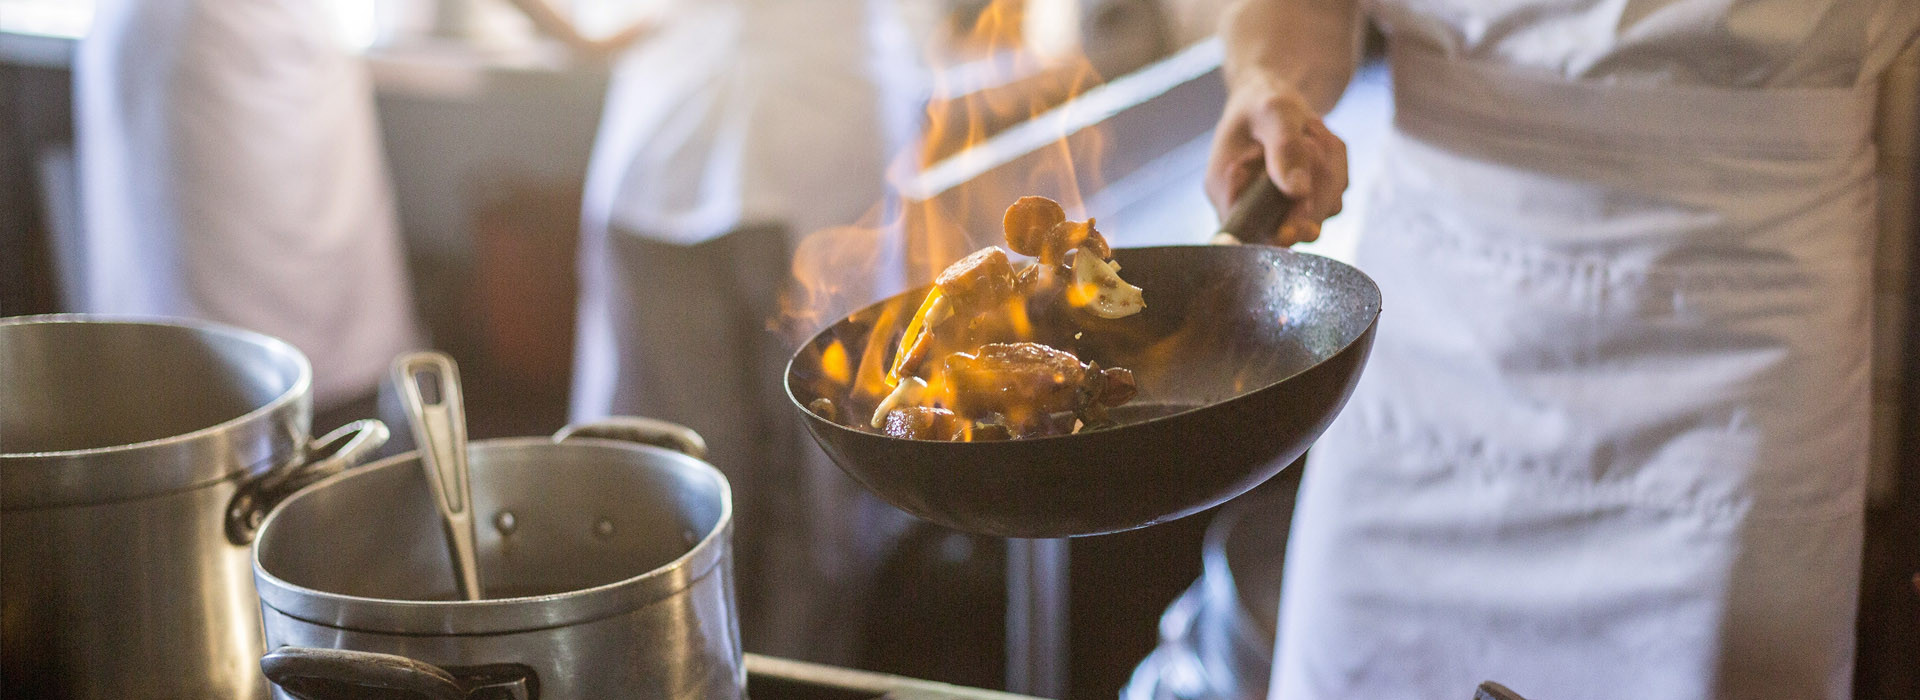 Ratsstuben Weissach steht für Qualität, die man schmeckt, z.B. beim Fleisch: Wir verarbeiten ausschließlich Schwäbisch-Hällisches Rind- und Schweinefleisch aus bester Zucht und kontrollierter, artgerechter Tierhaltung